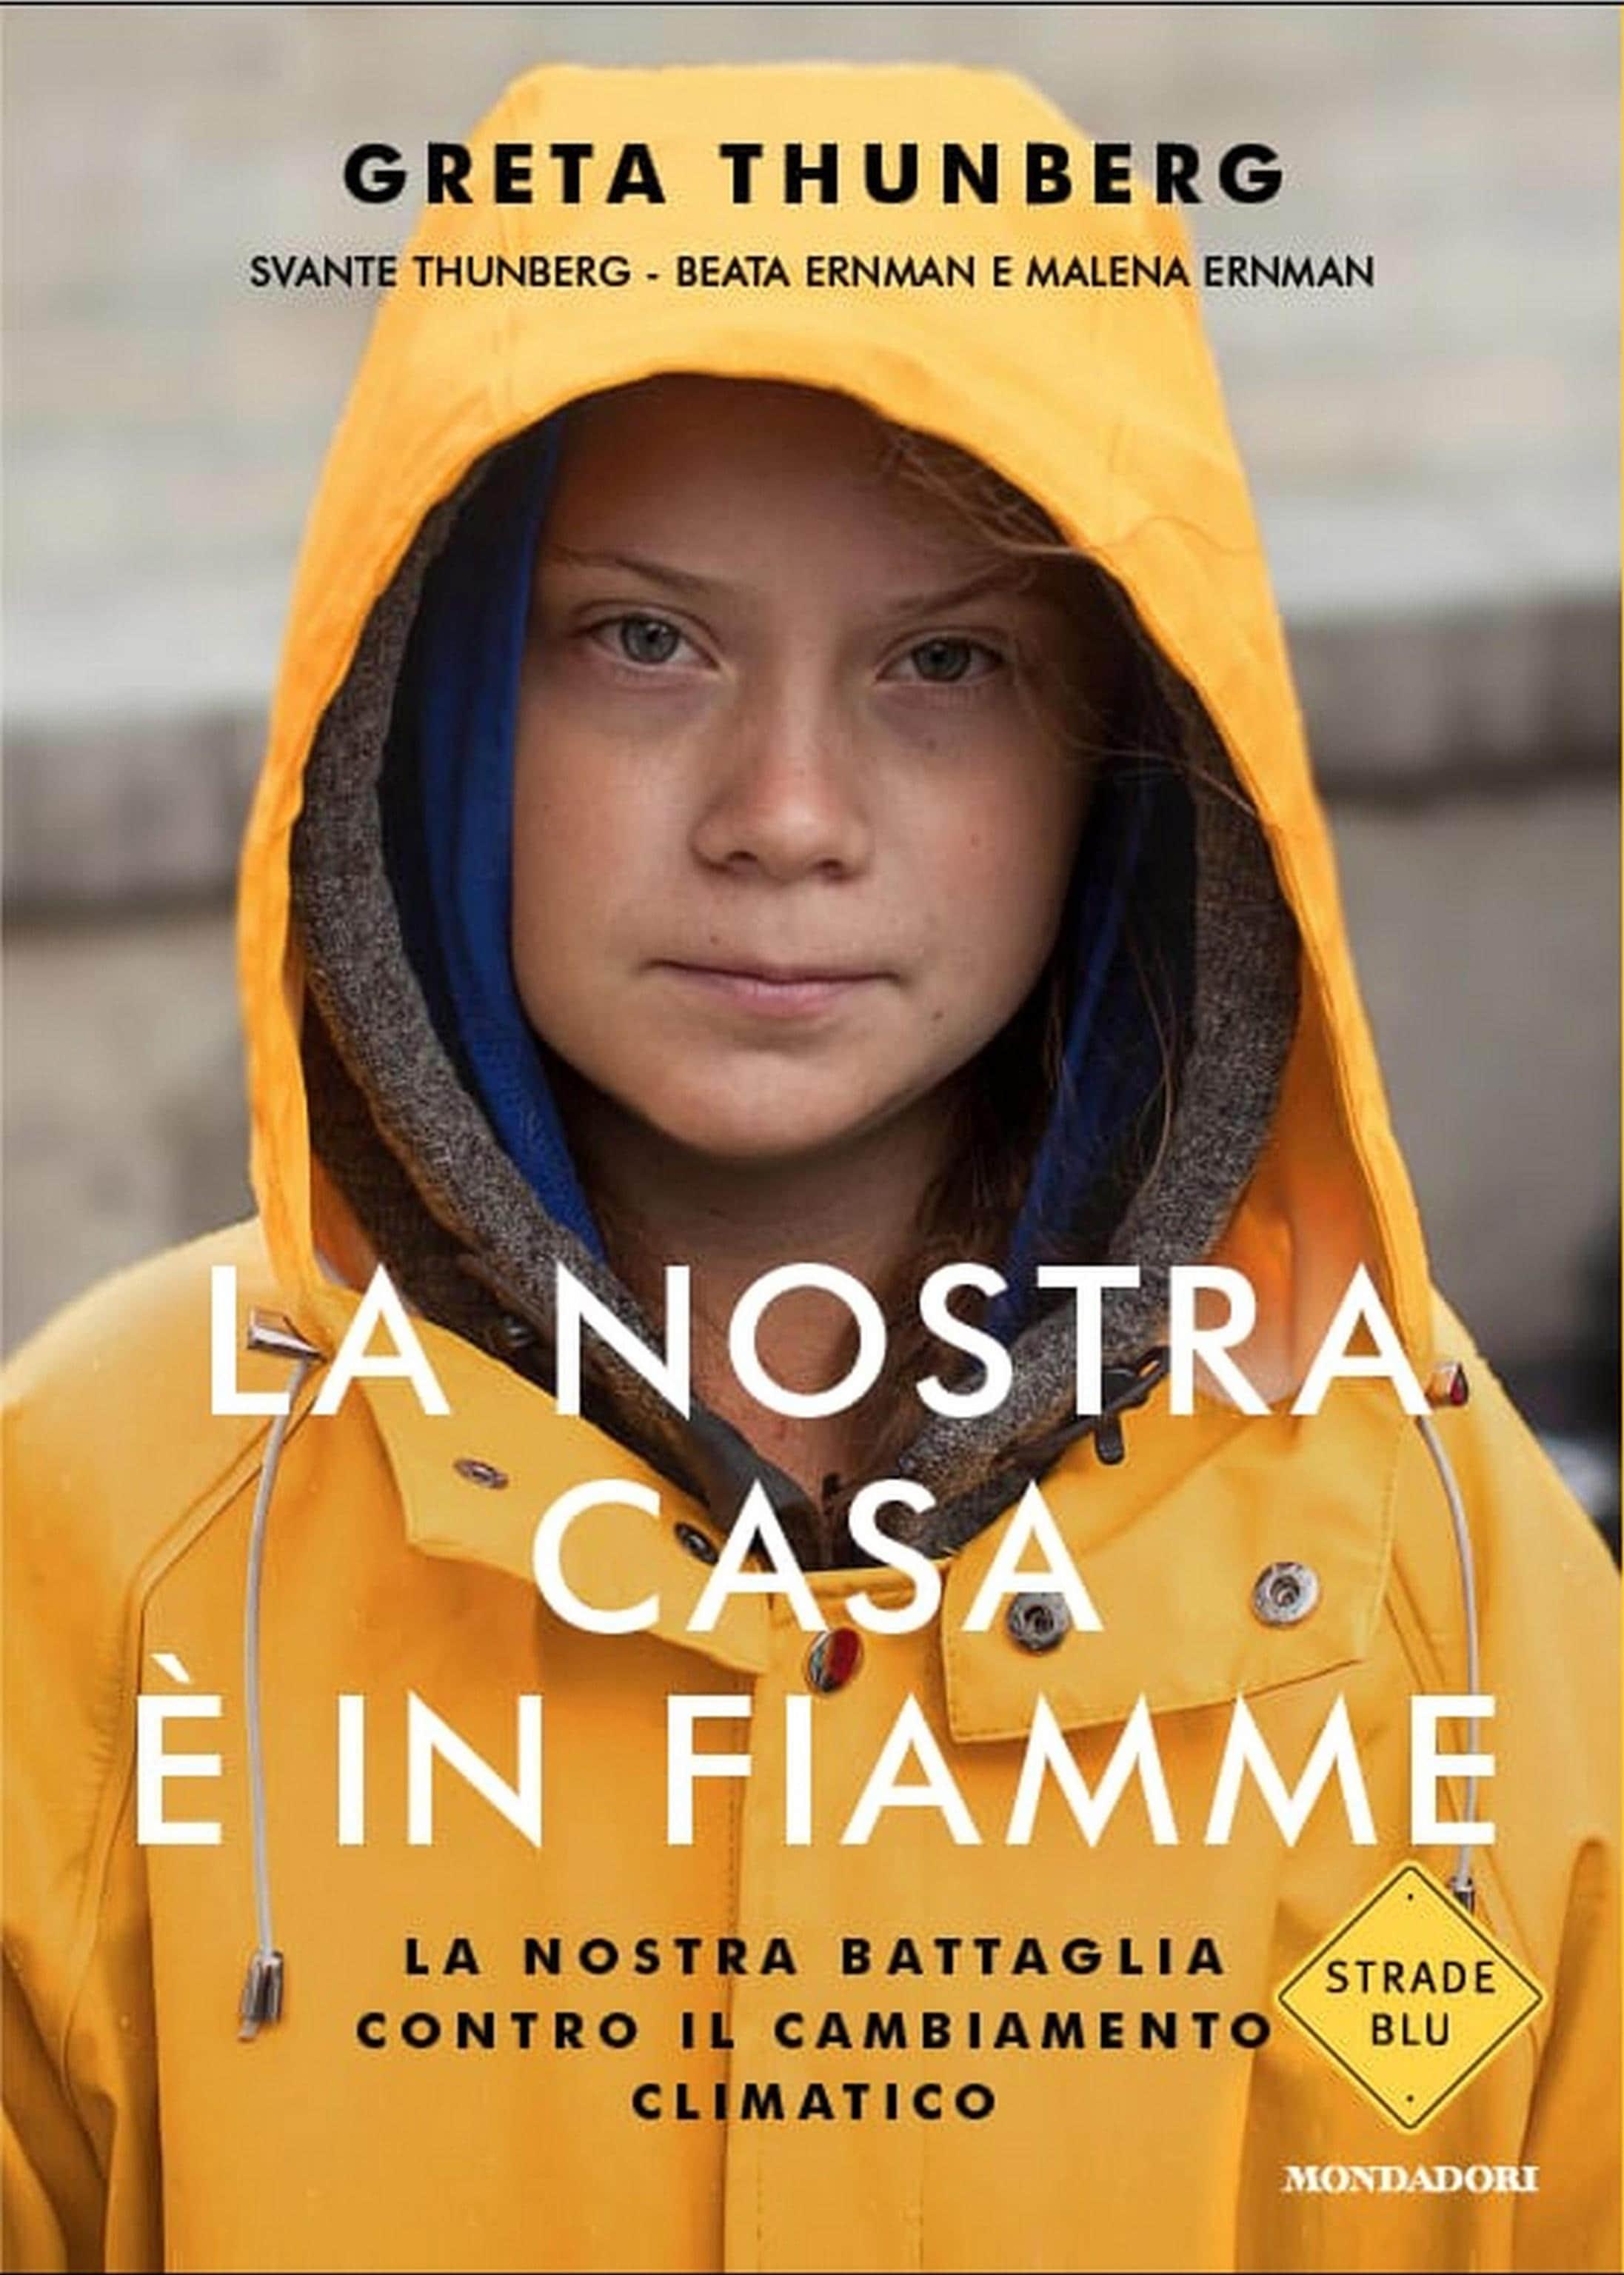 Arriva il libro di Greta Thunberg